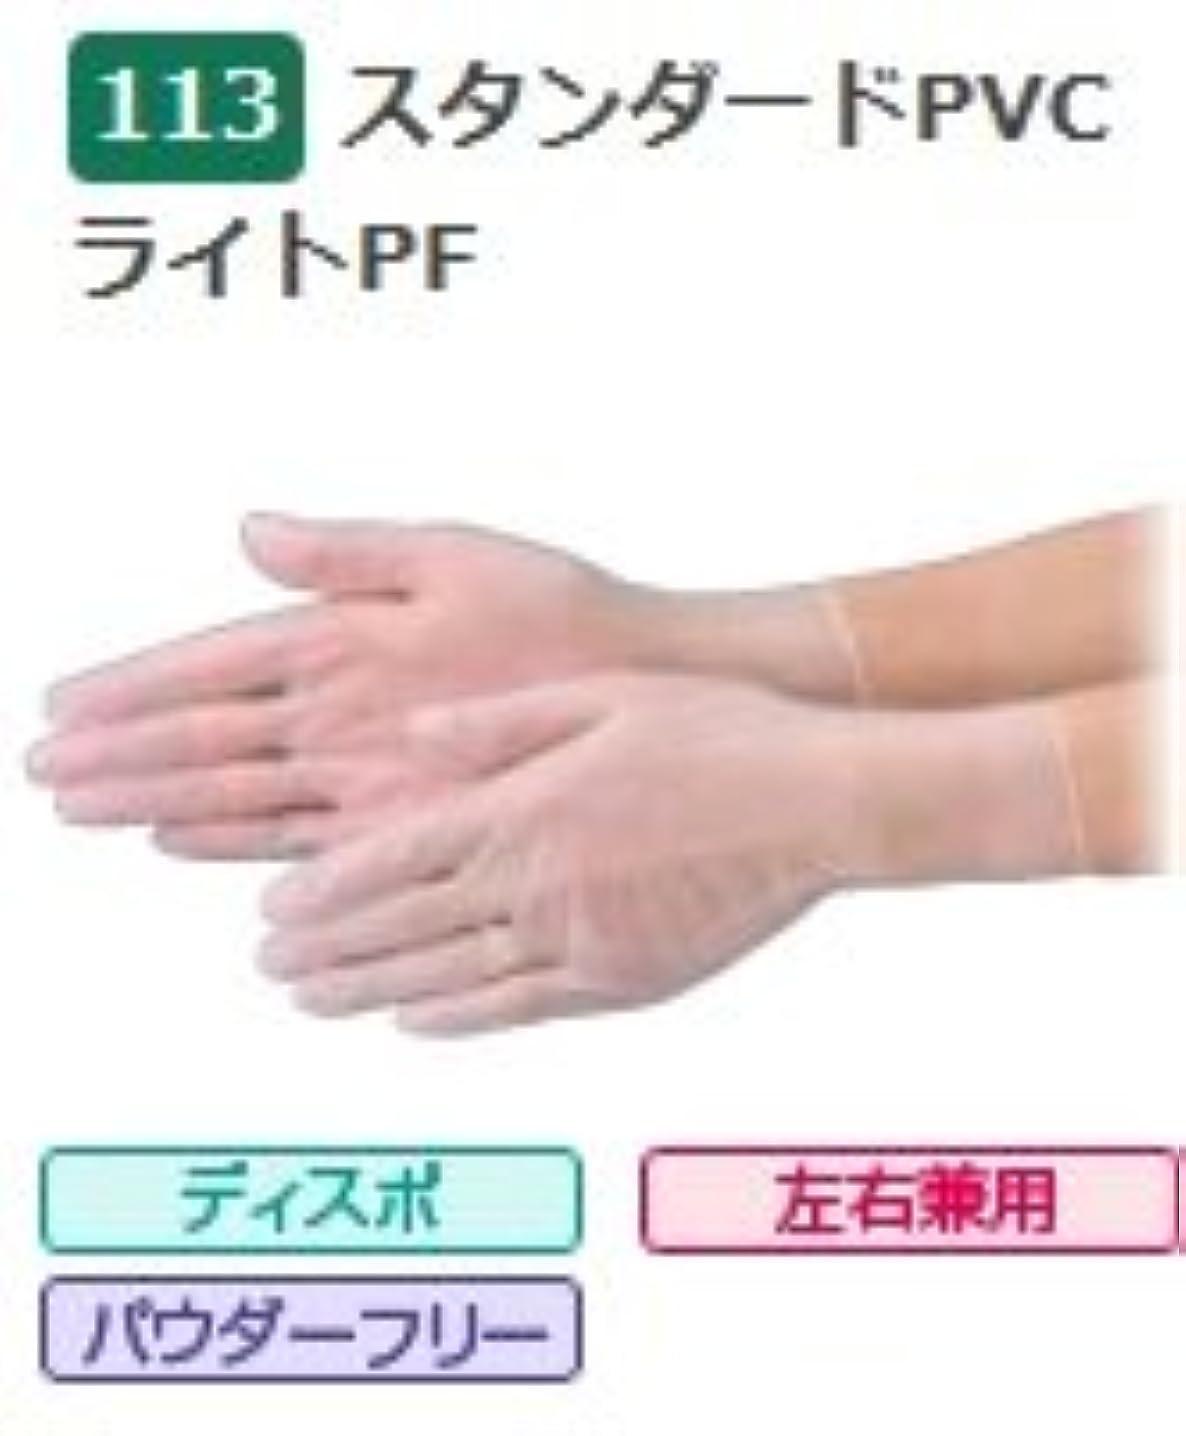 艦隊飢勢いエブノ PVC手袋 No.113 M 半透明 (100枚×30箱) スタンダードPVCライト PF